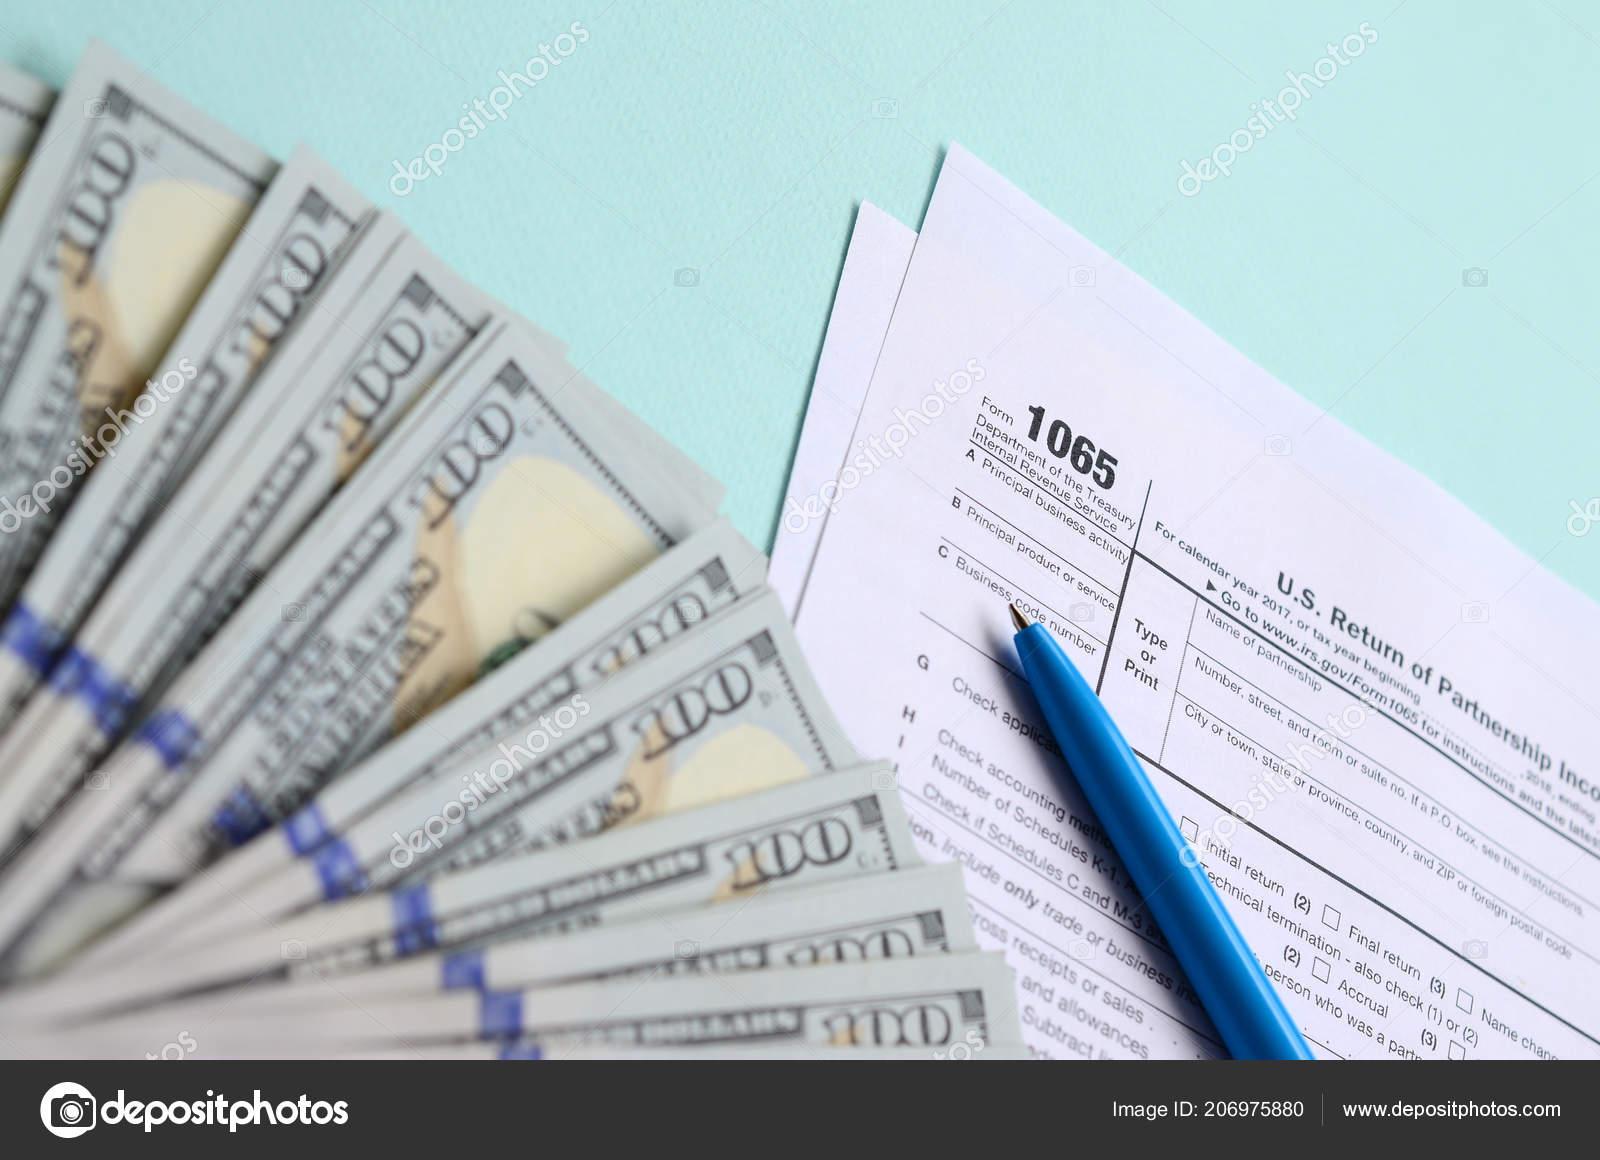 form 1065 technical termination  11 Steuerformular Liegt Der Nähe Von Hundert Dollar ...